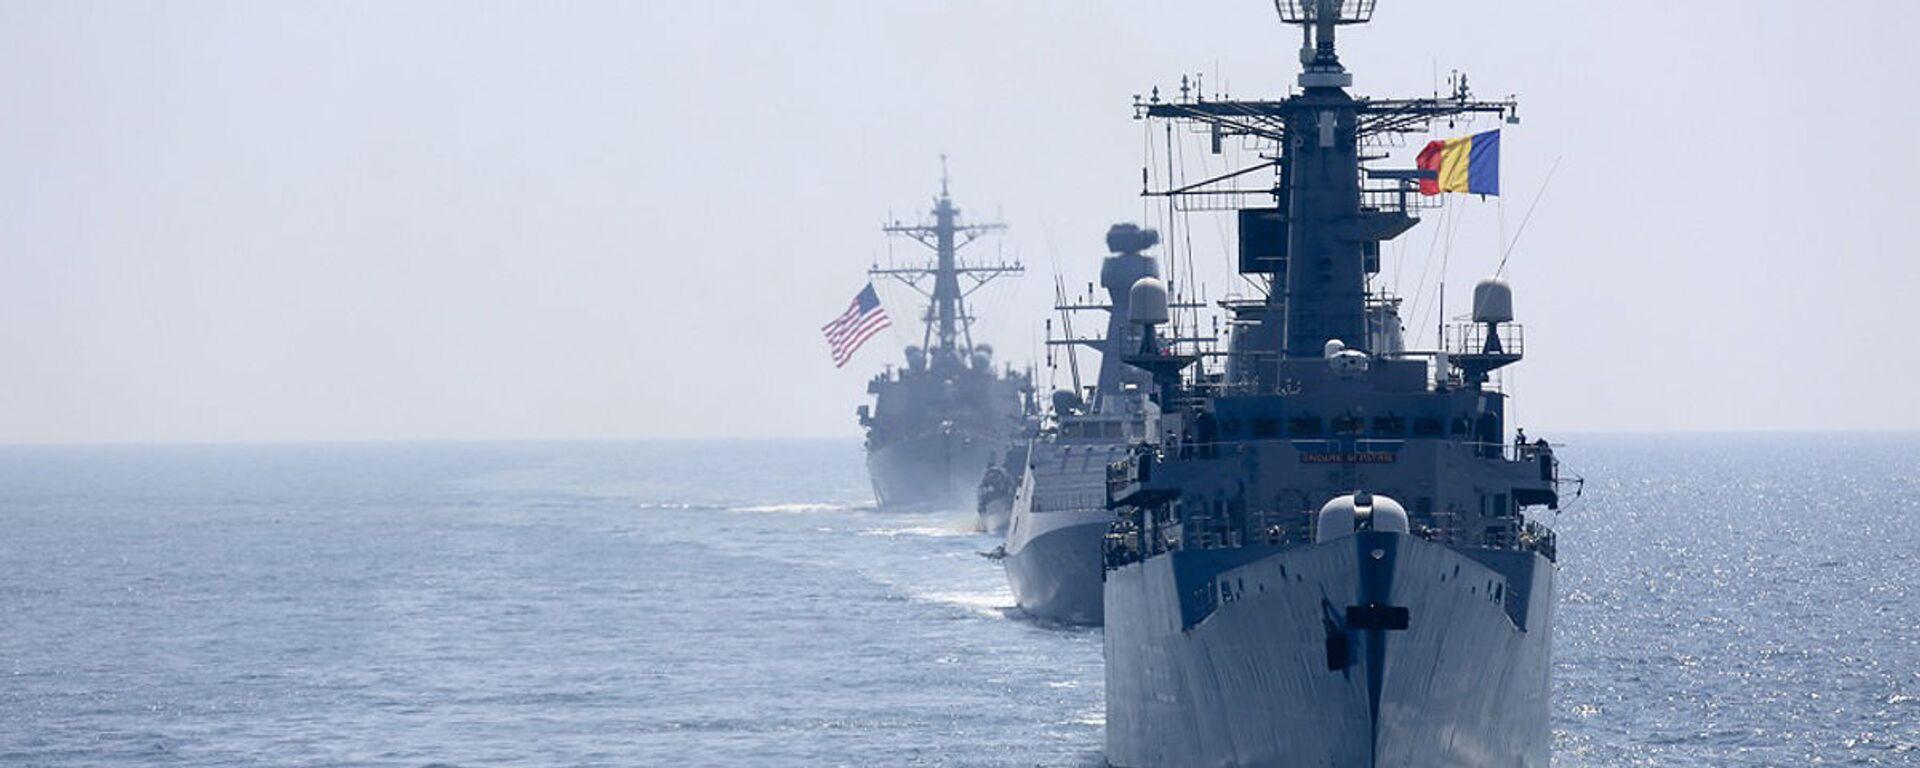 Các tàu của NATO ở Biển Đen - Sputnik Việt Nam, 1920, 03.07.2021